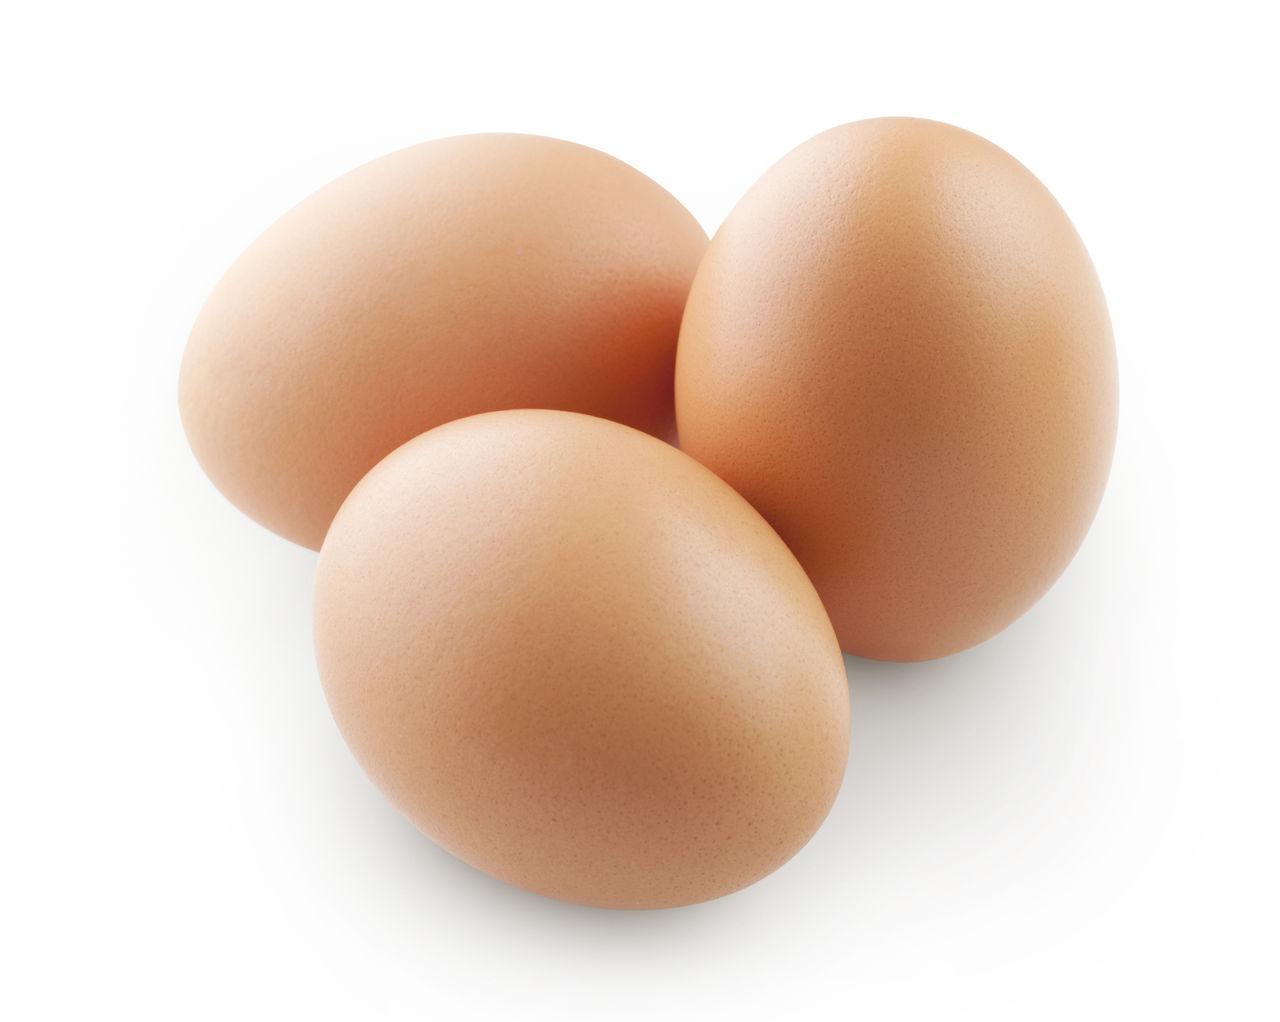 定番~アレンジまで!いろいろ使える♪卵のおかず料理レシピ集のサムネイル画像